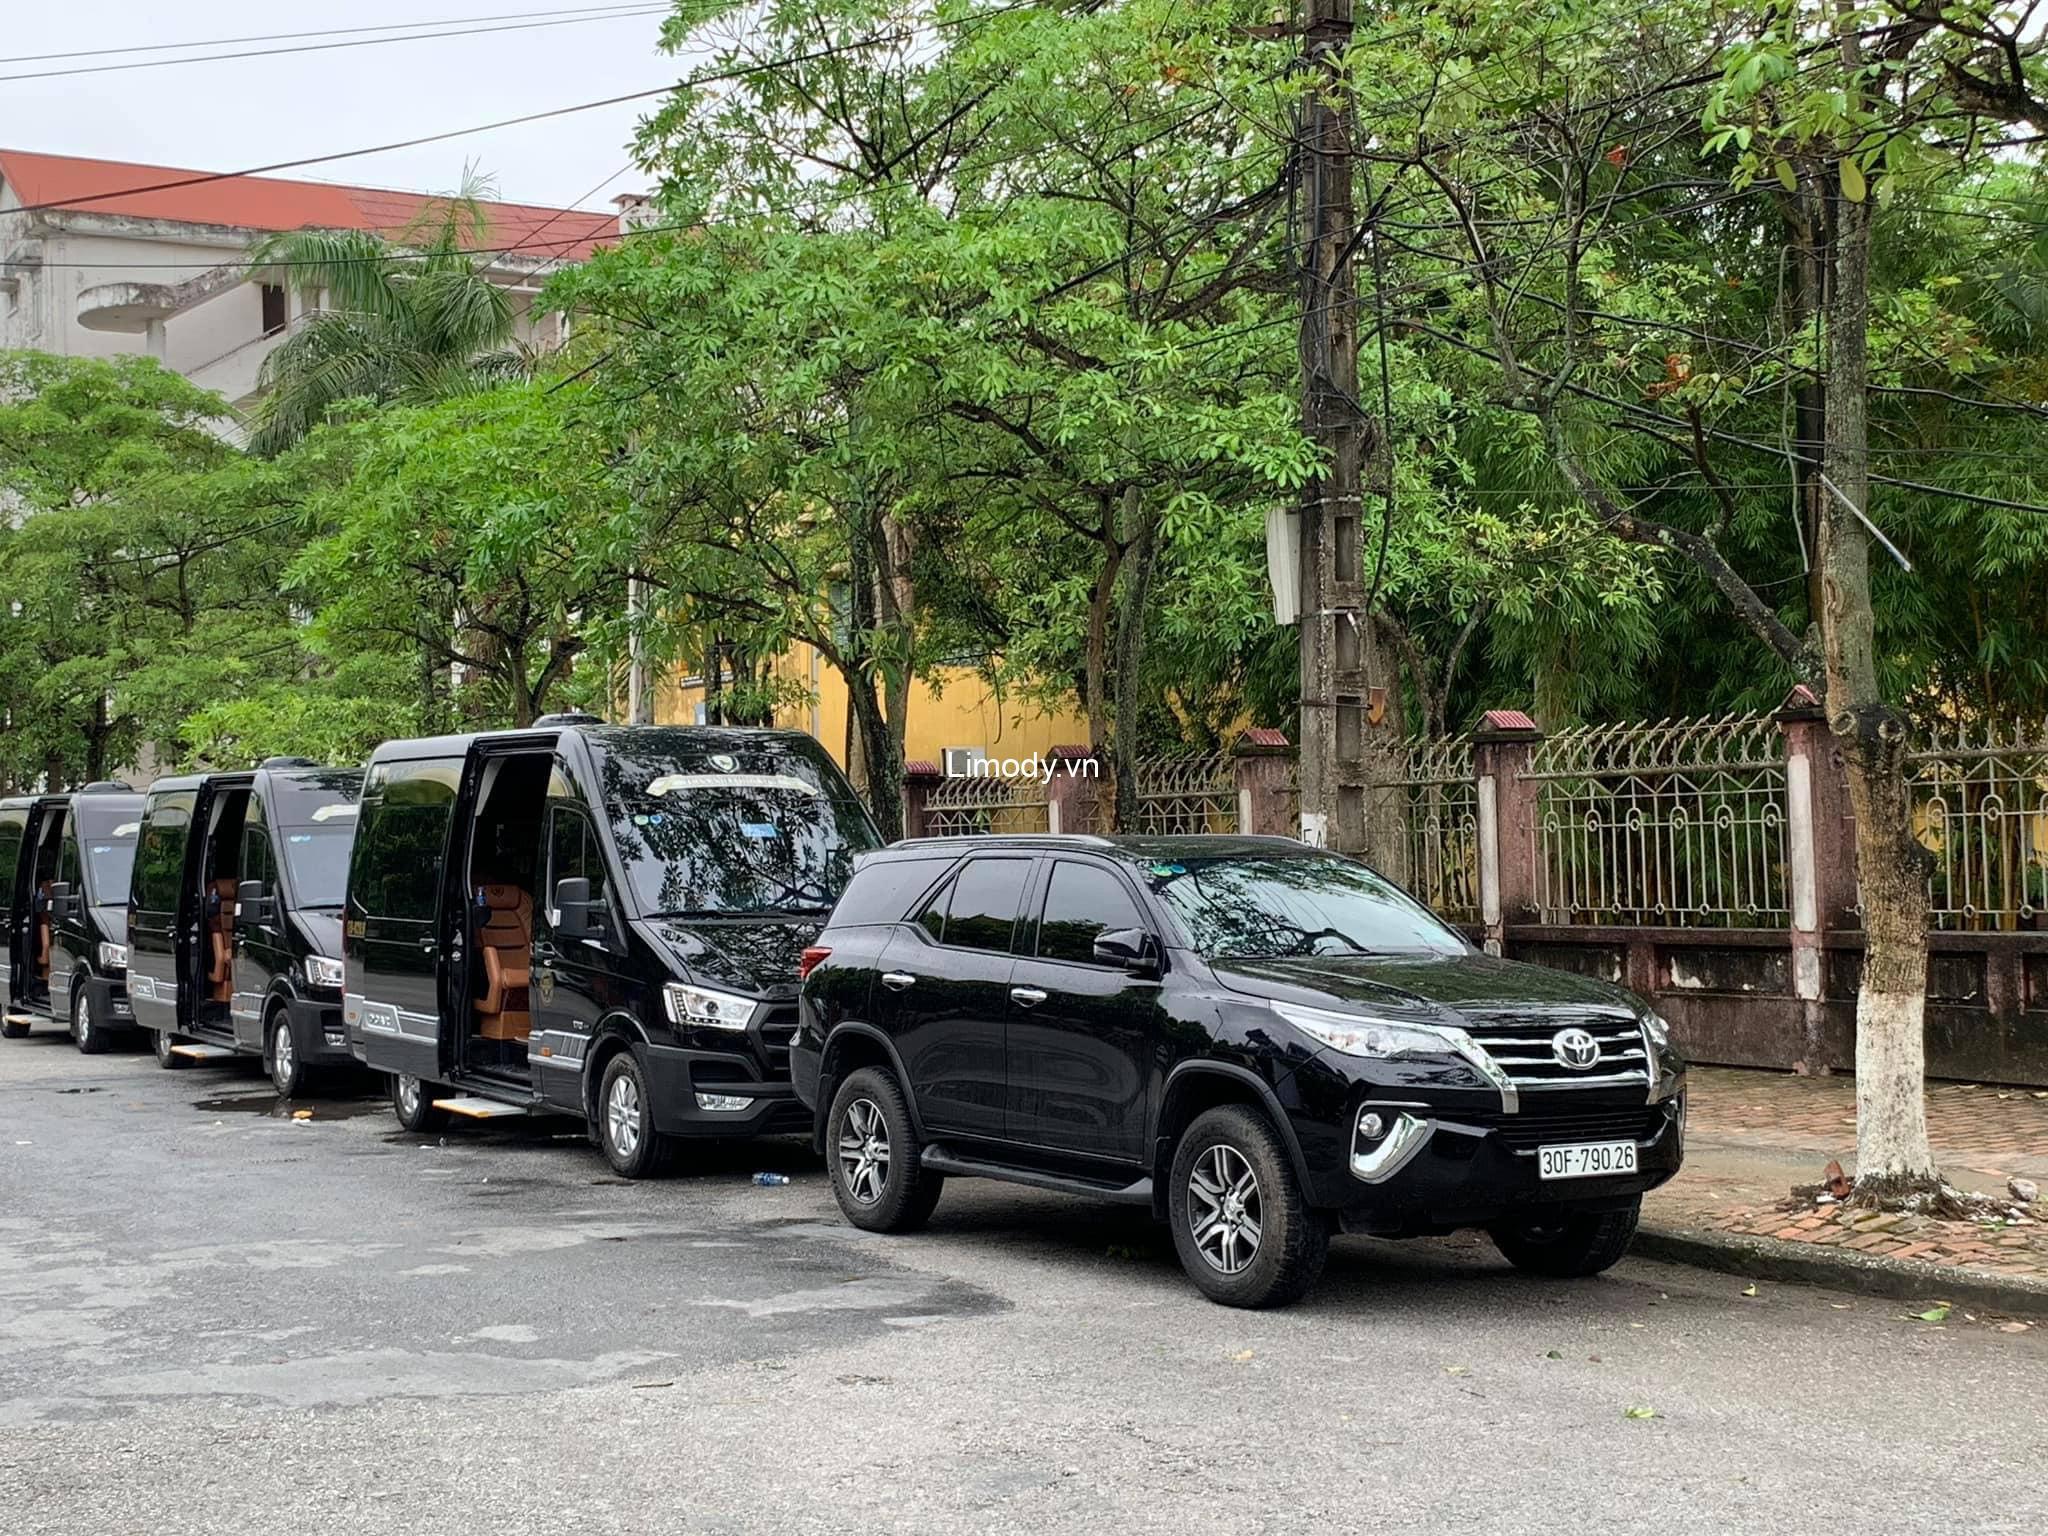 Xe Tuấn Anh limousine: Bến xe, giá vé, số điện thoại đặt vé, lịch trình Hà Nội – Thái Bình